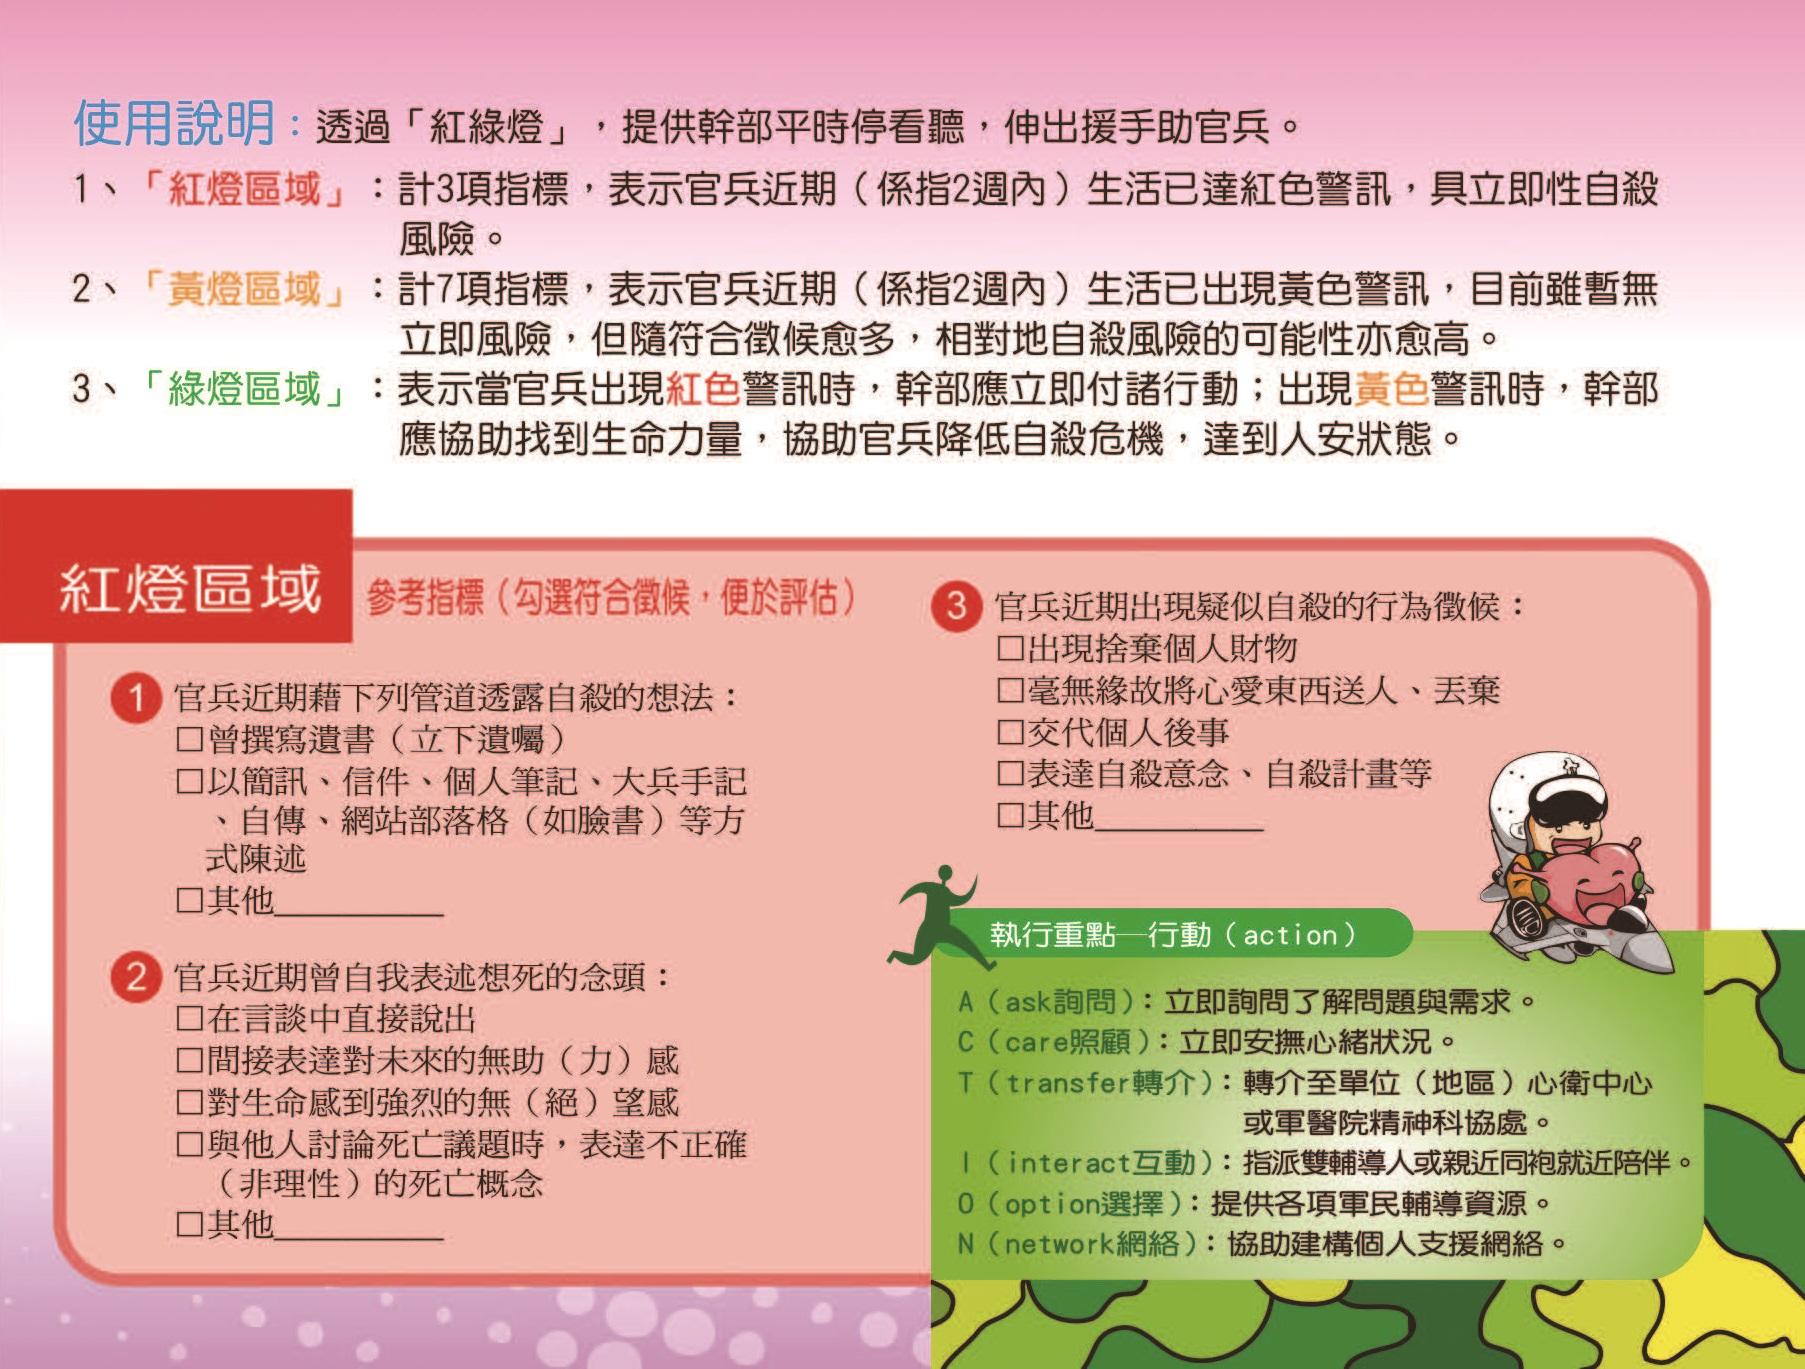 國軍幹部「自殺防治停看聽」關懷卡_頁面_2A.jpg